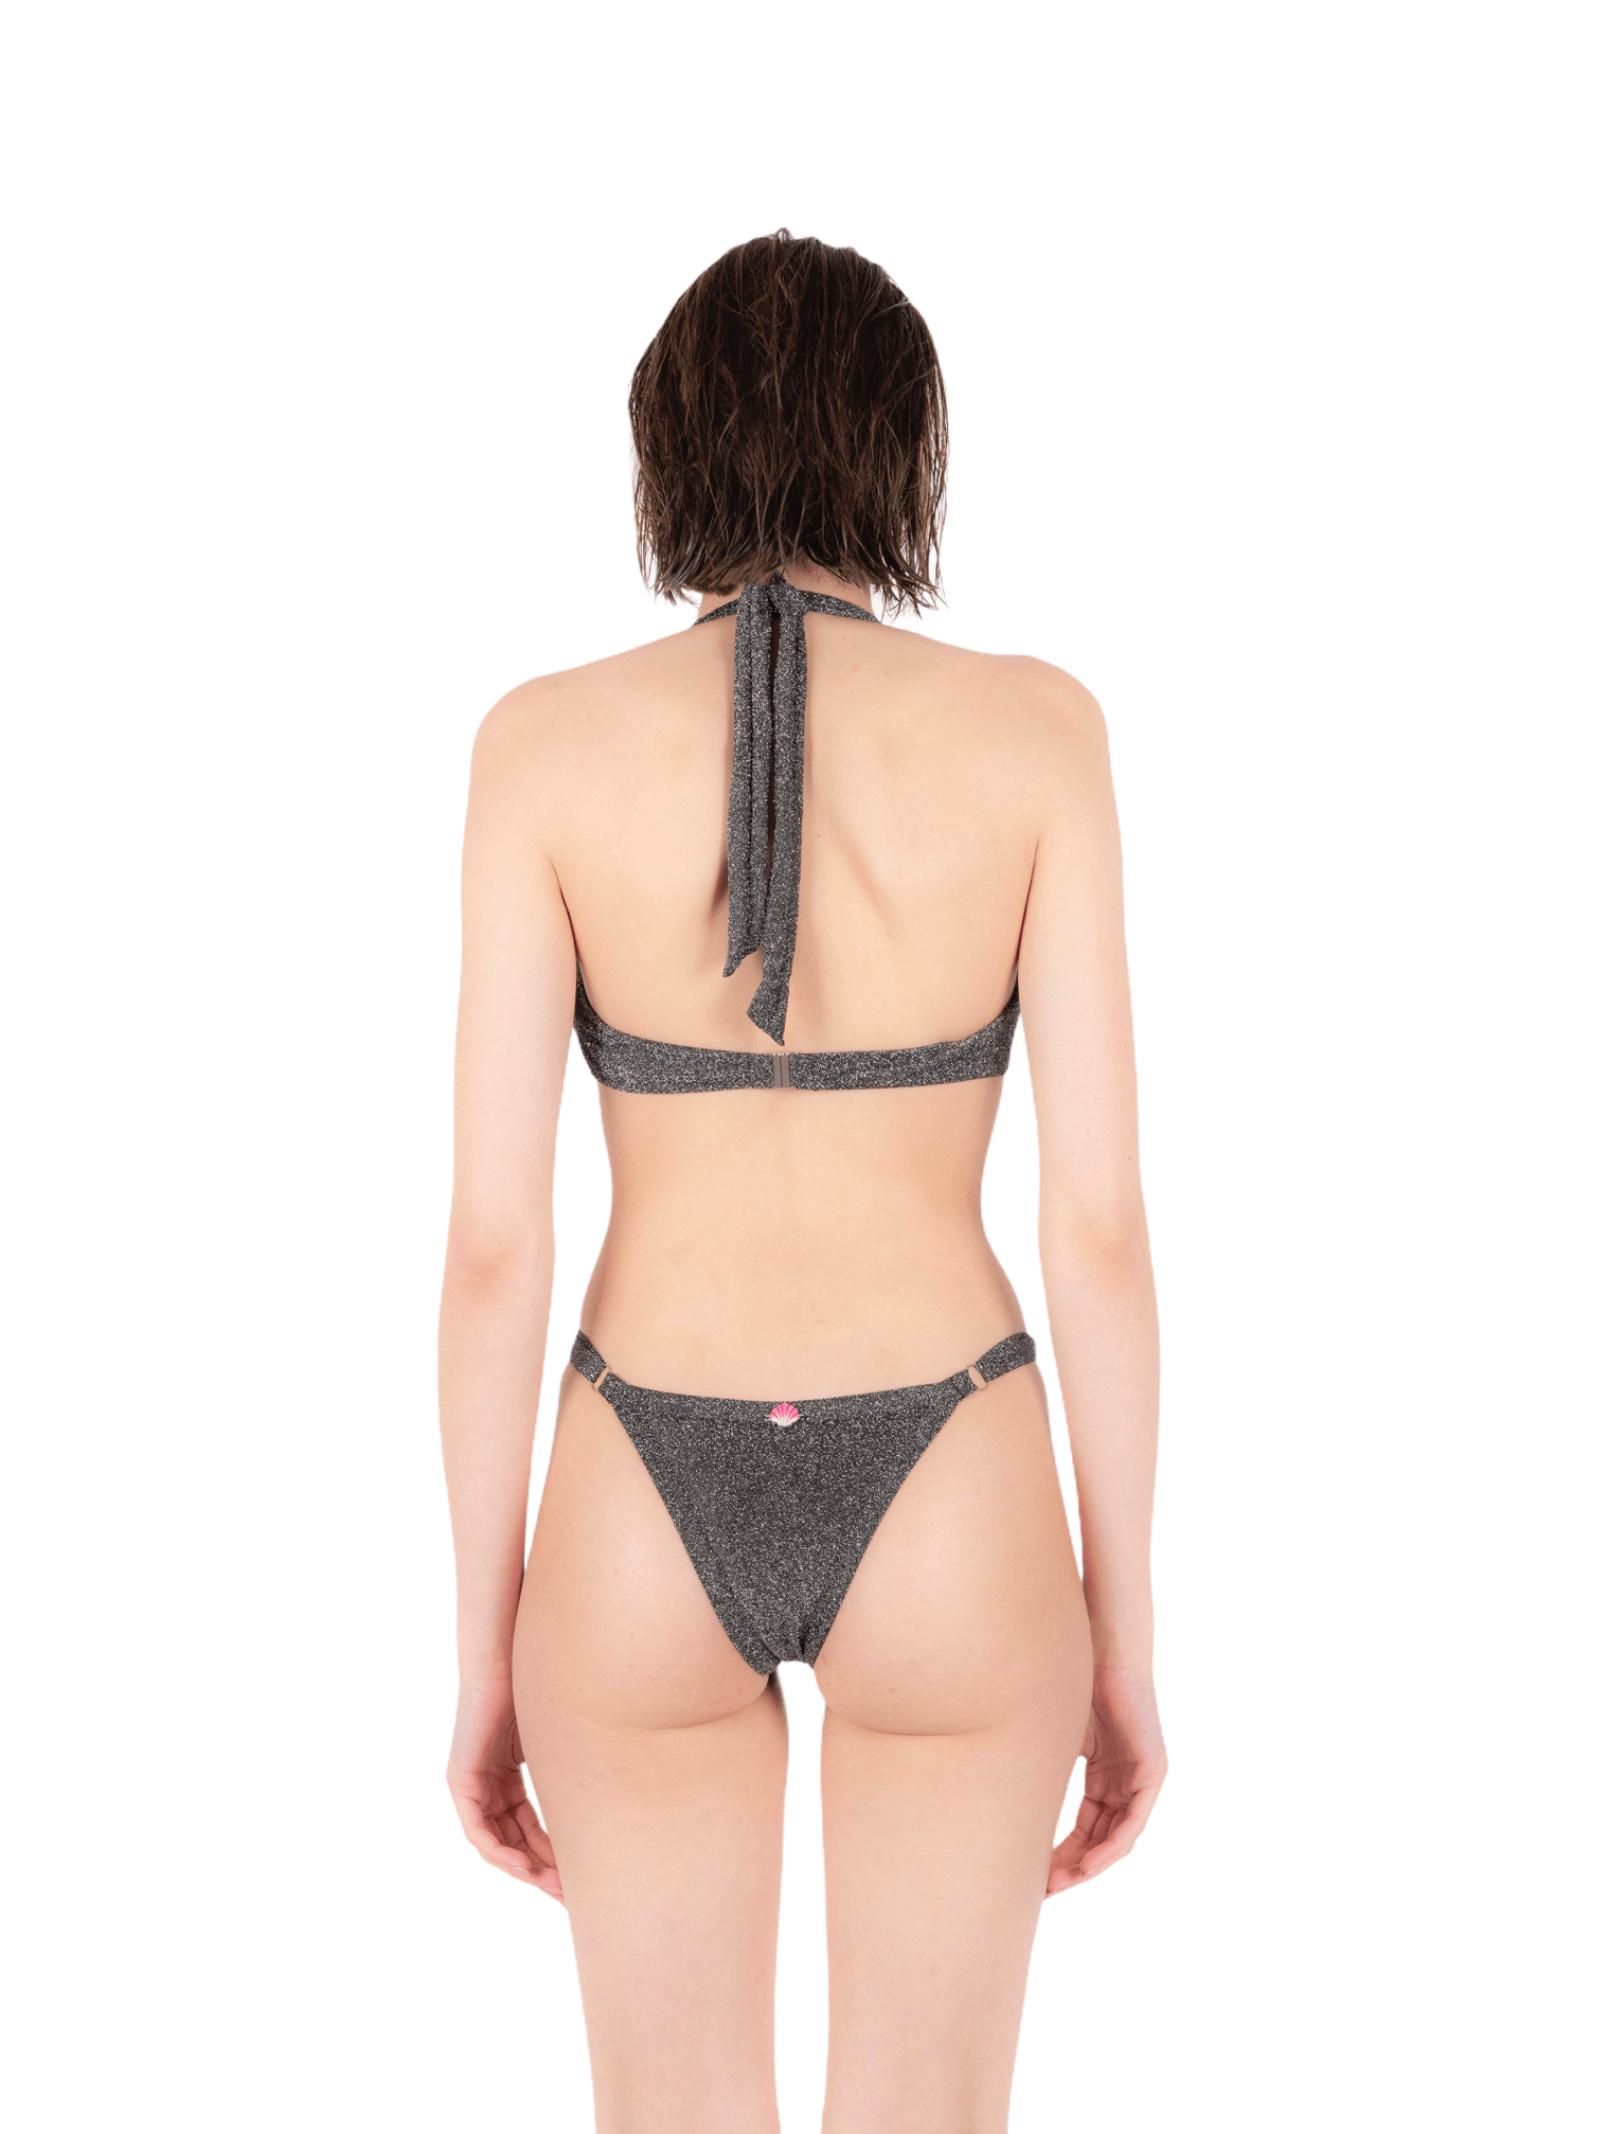 Bikini triangolo con slip regolabile ANNAMARE | 23 | BK-106NERO